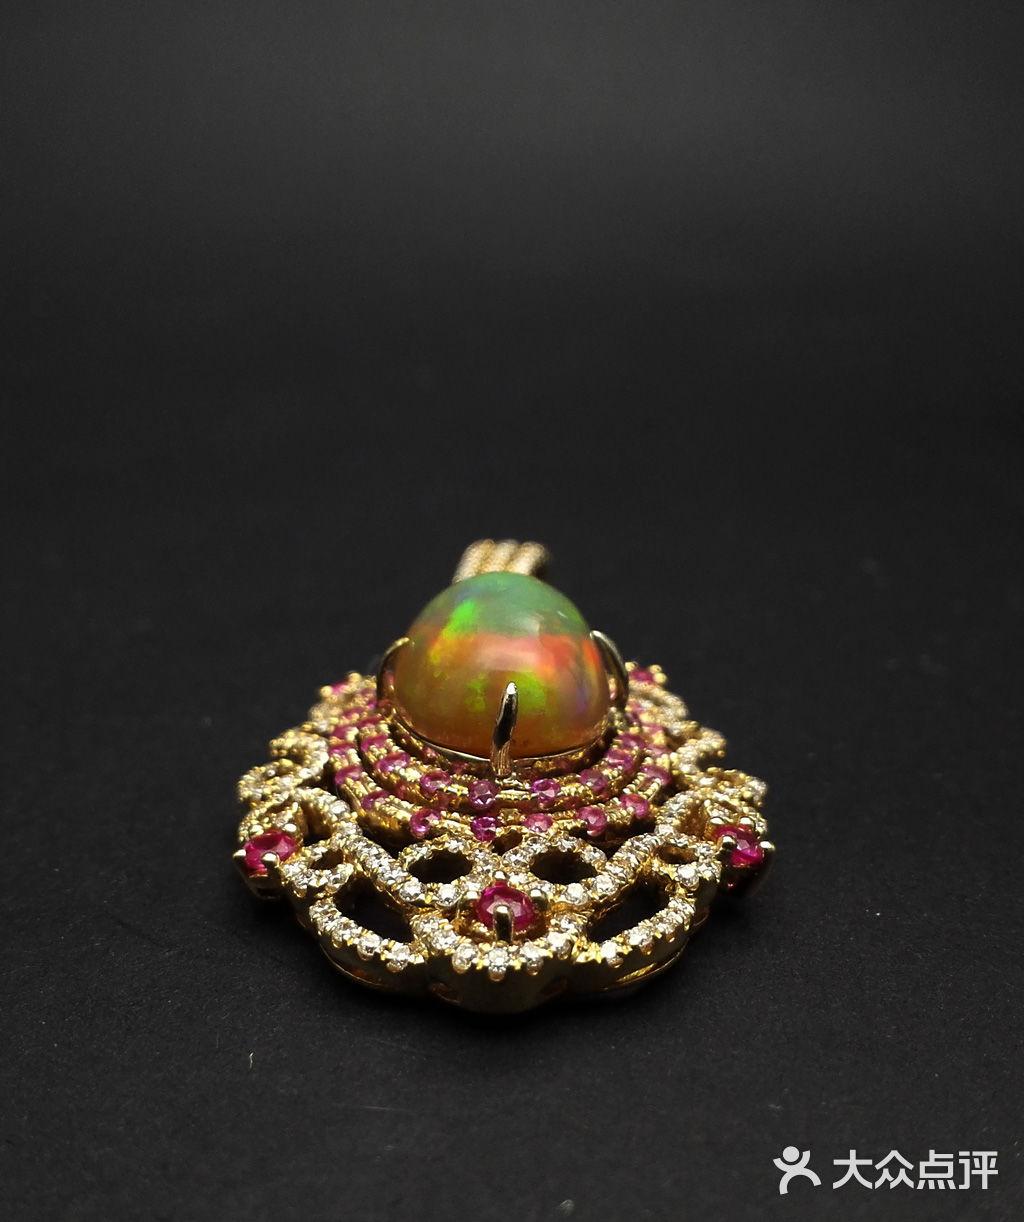 誉玺珠宝高级定制  款式: 吊坠 图案/形状: 欧式古典 材质: 宝石 是否